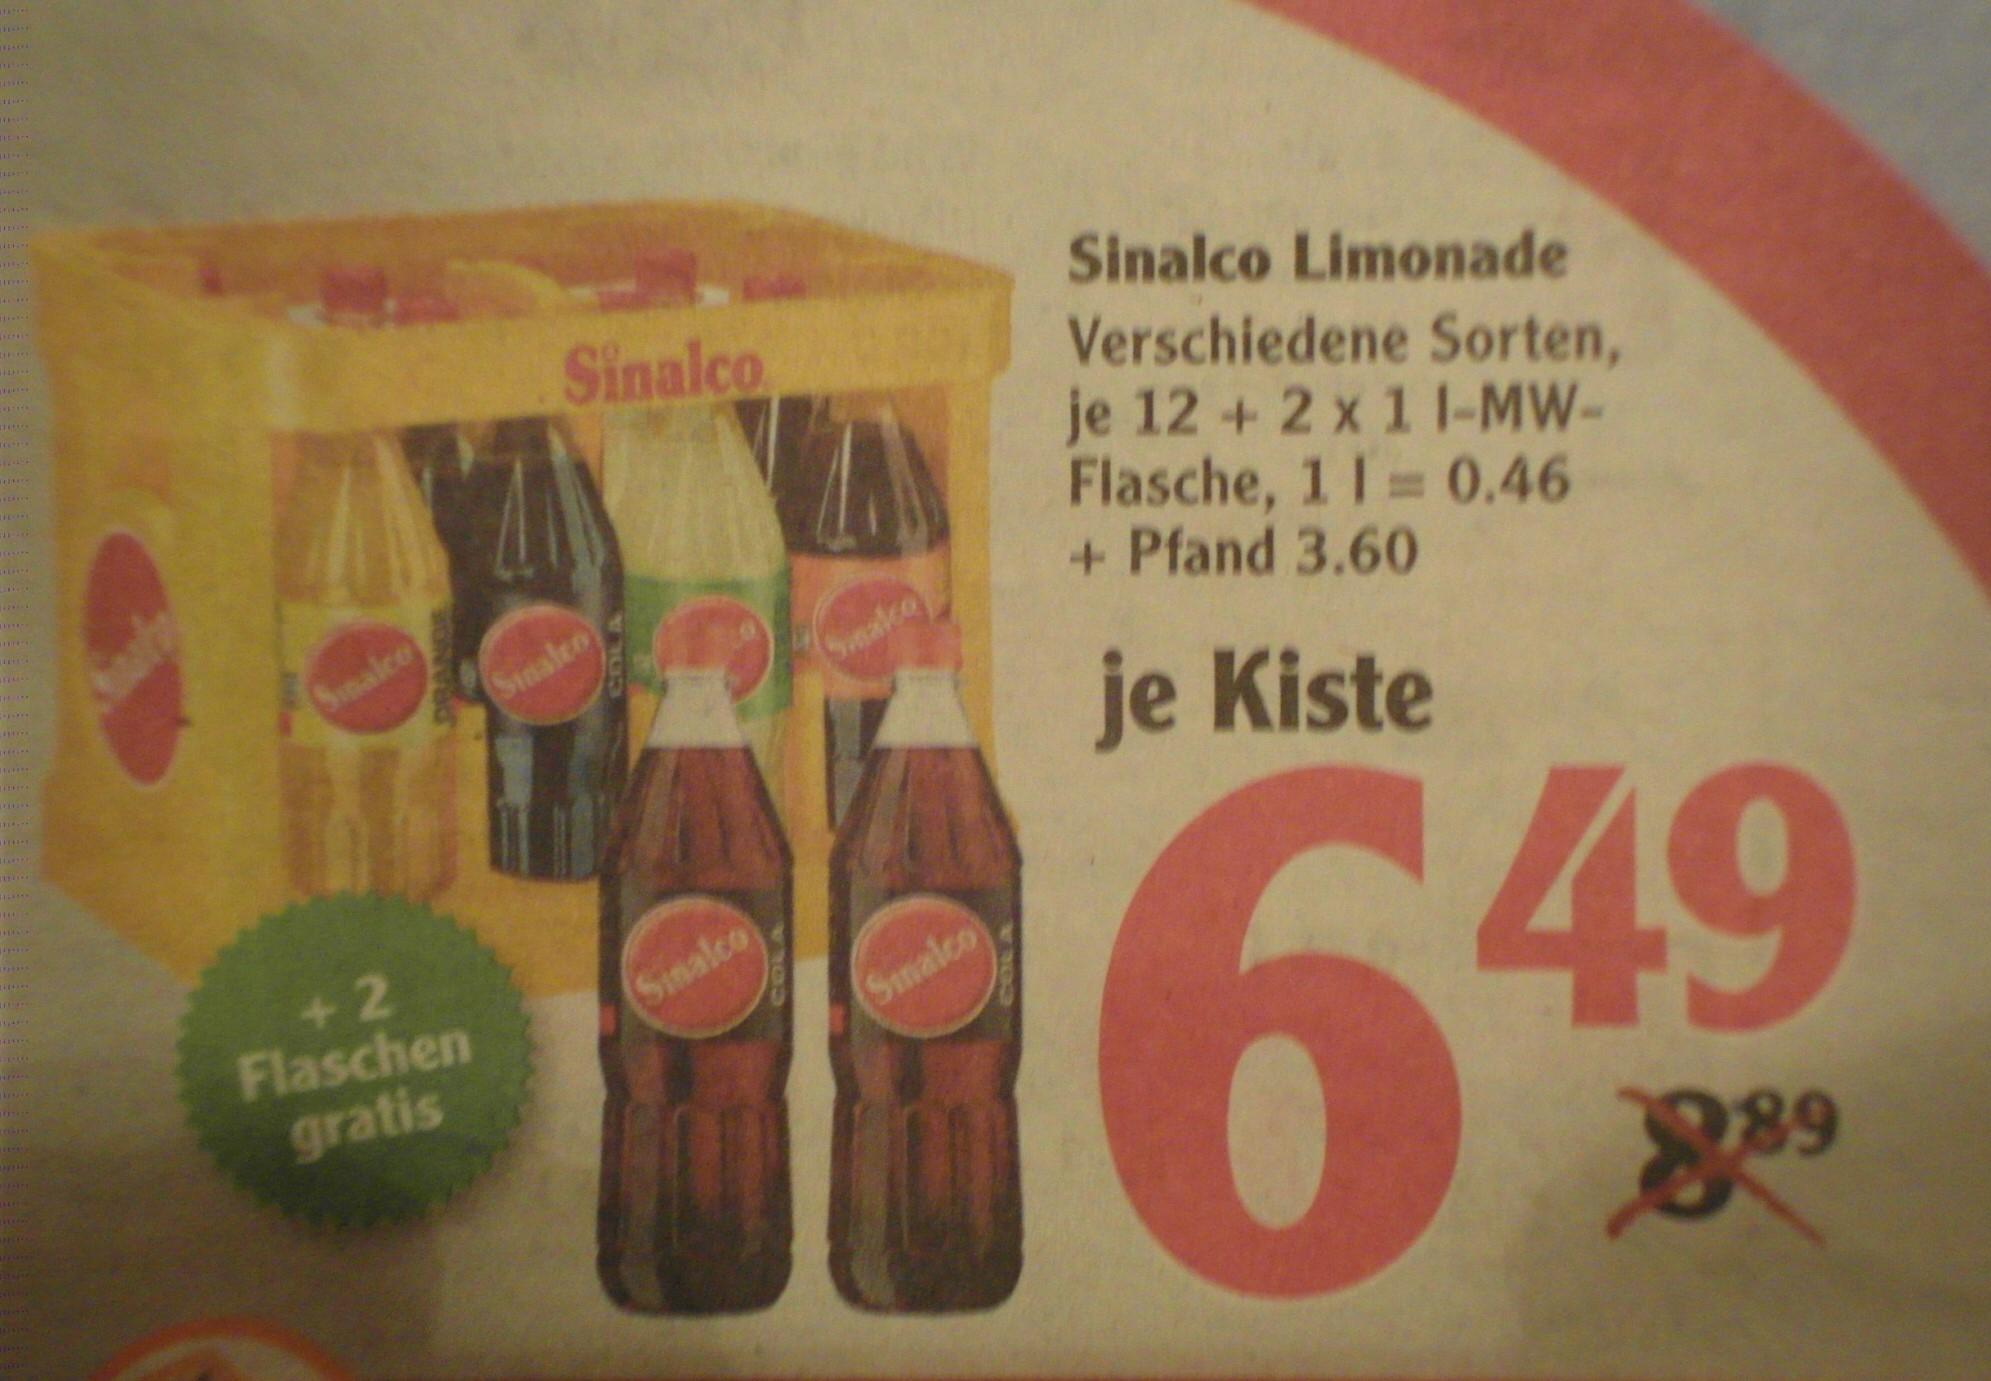 [Globus] Sinalco Limonade, verschiedene Sorten, 12 x 1l plus 2 Flaschen Gratis für 6,49 Euro